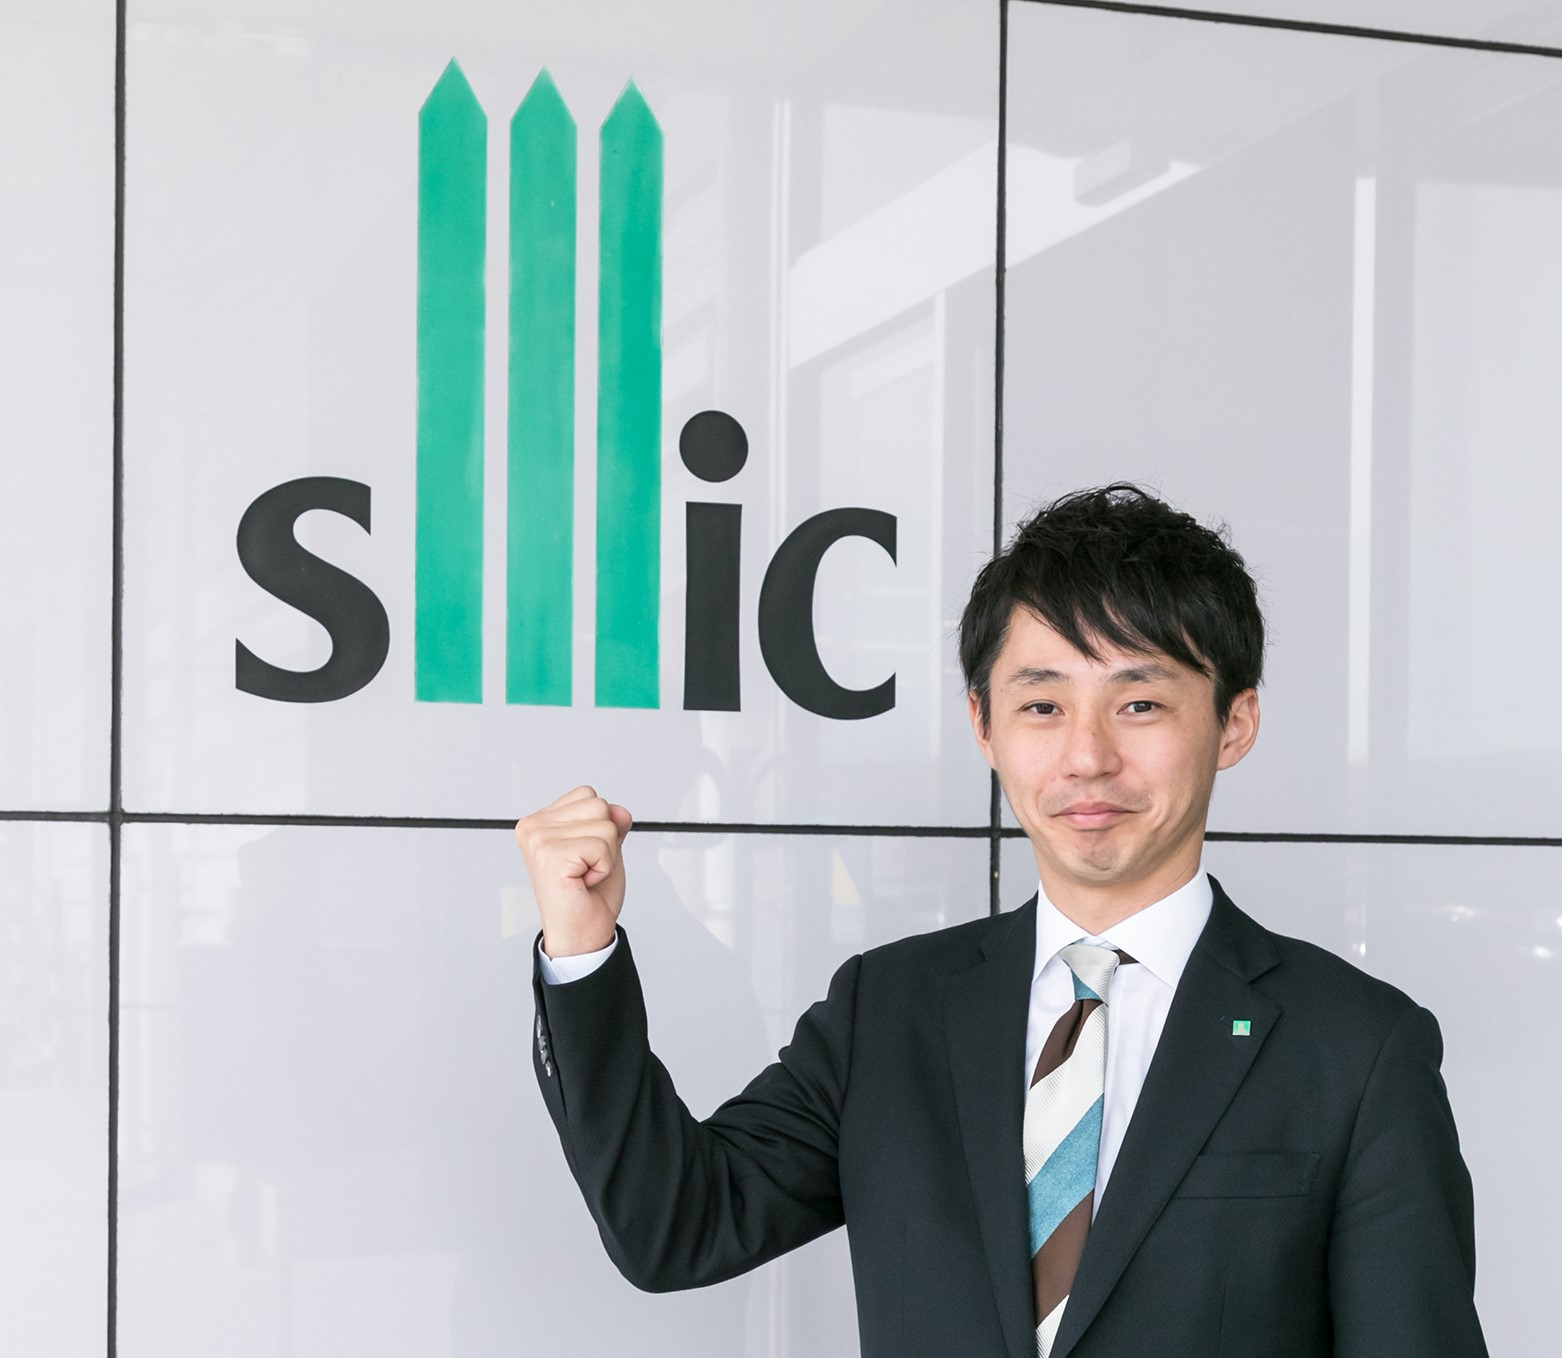 smic_5